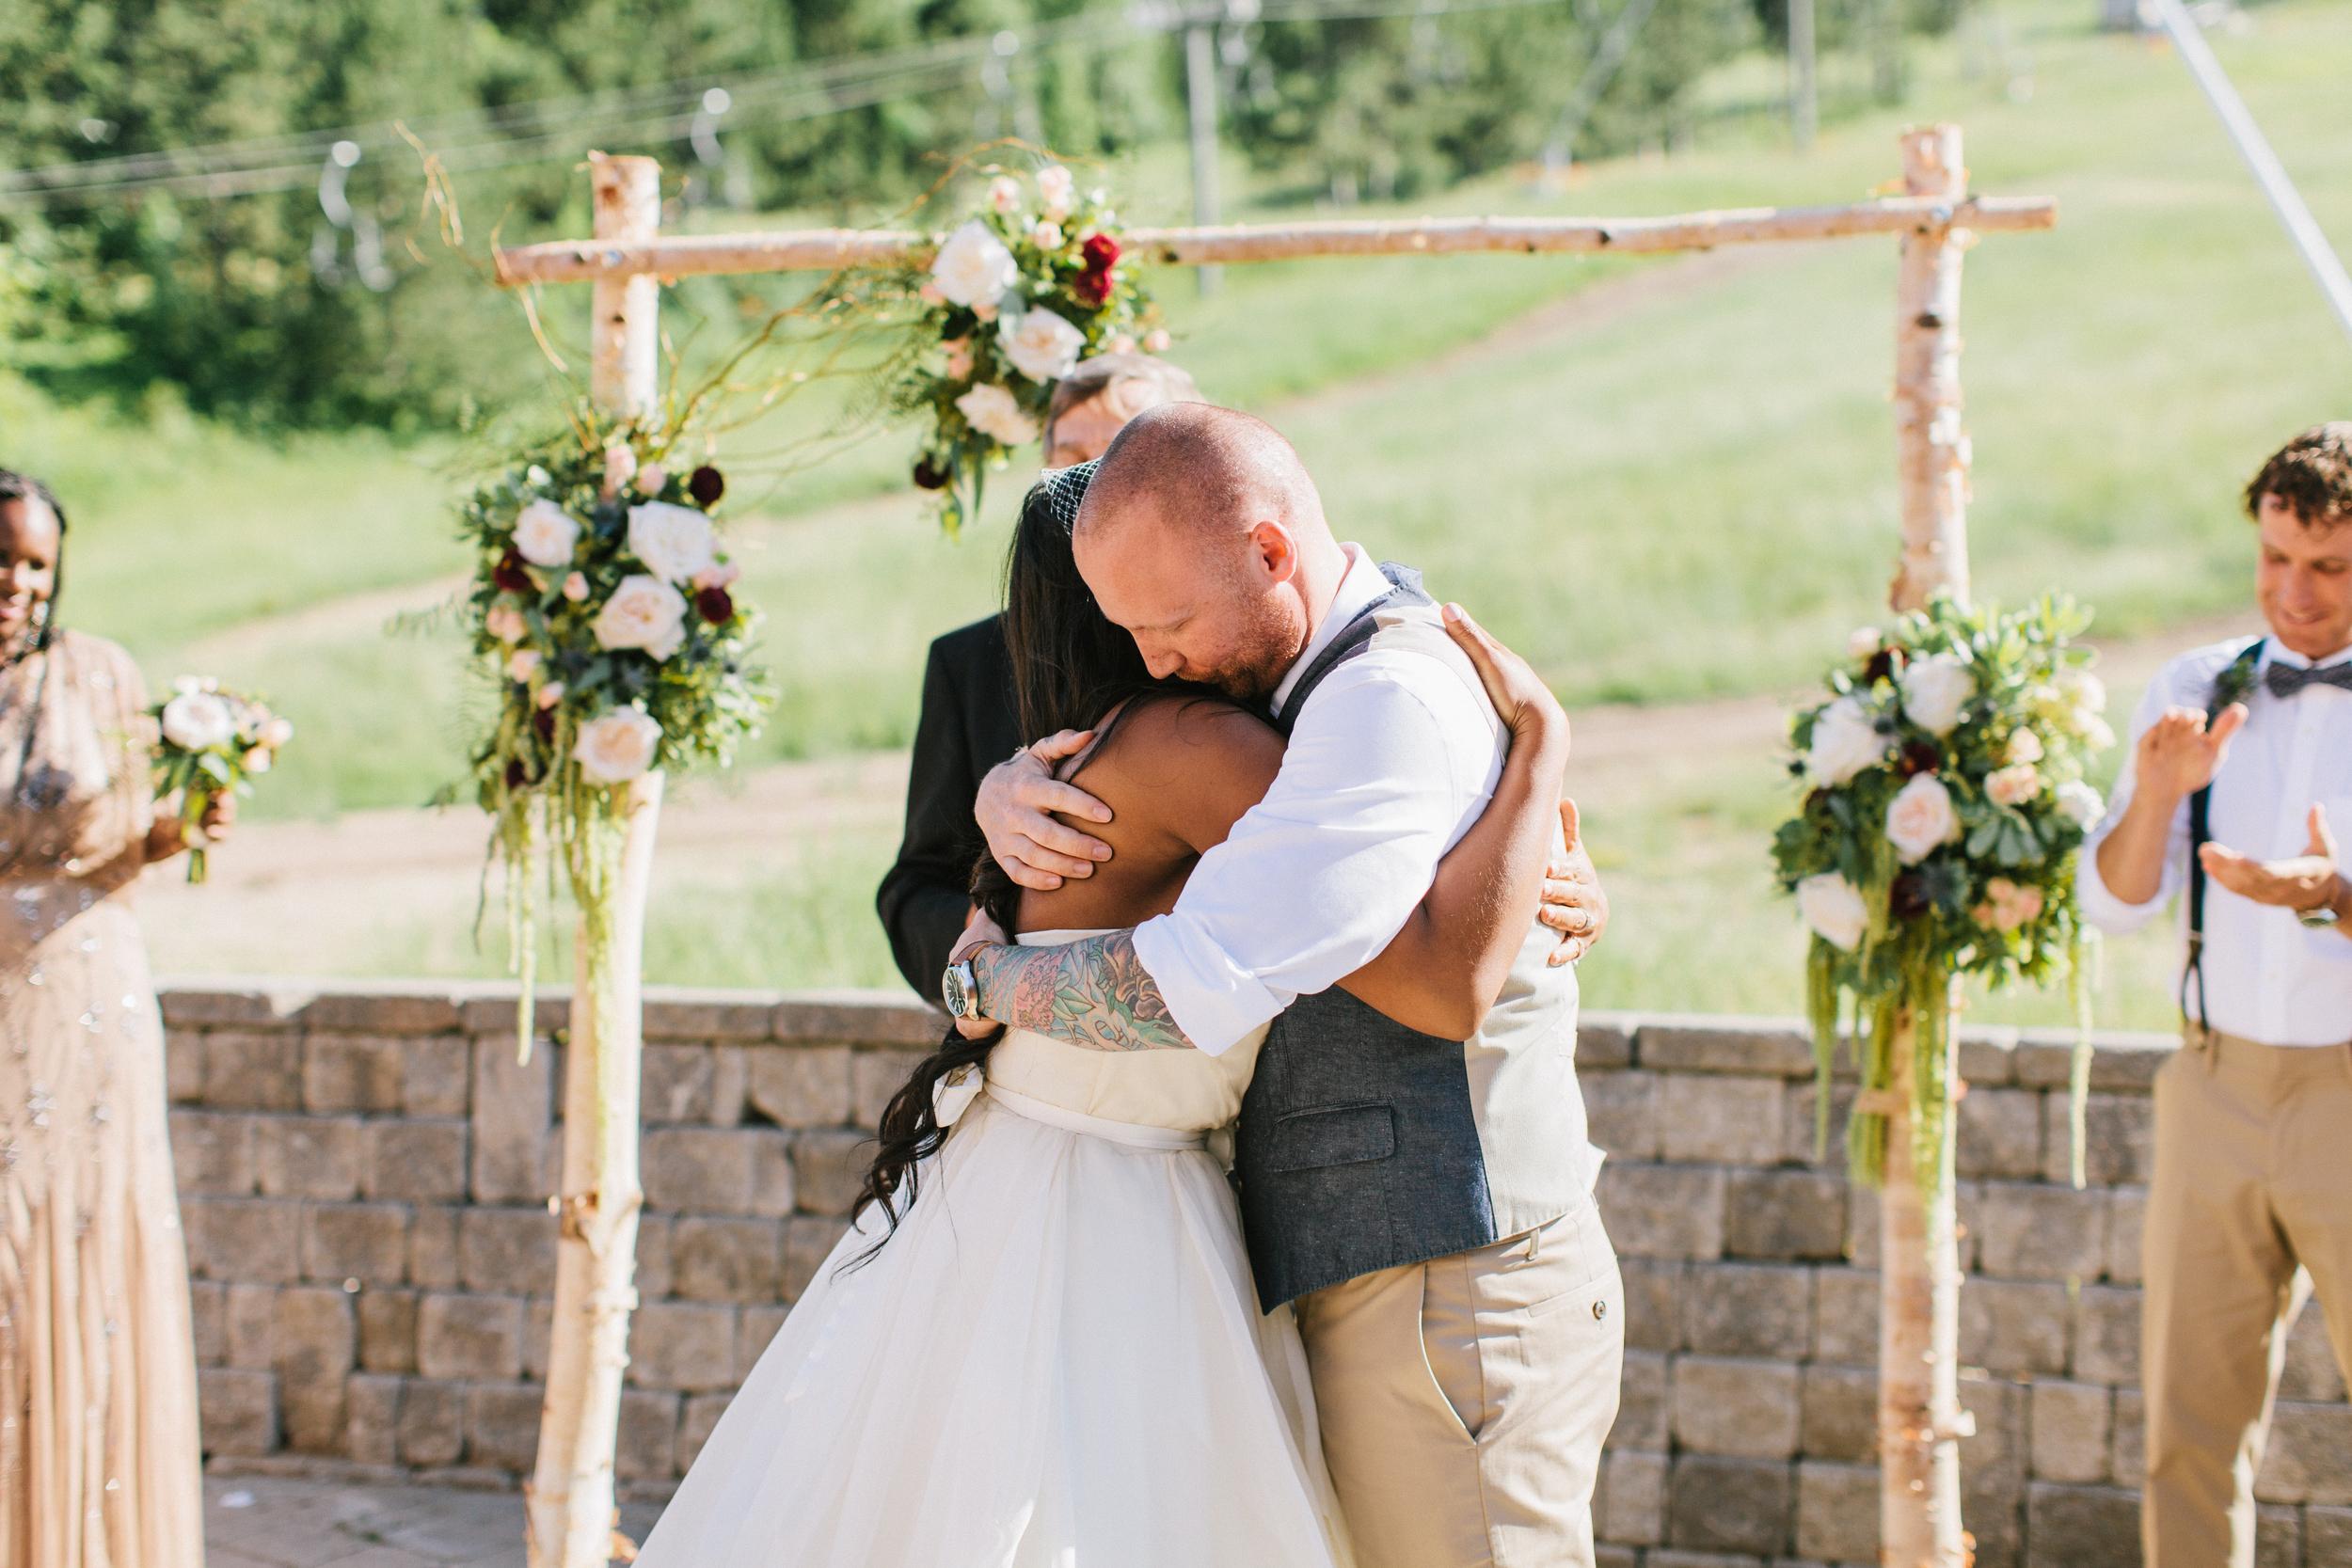 michael-rousseau-photography-shannae-ingleton-wedding-sean-craigleith-ski-club-wedding052.jpg